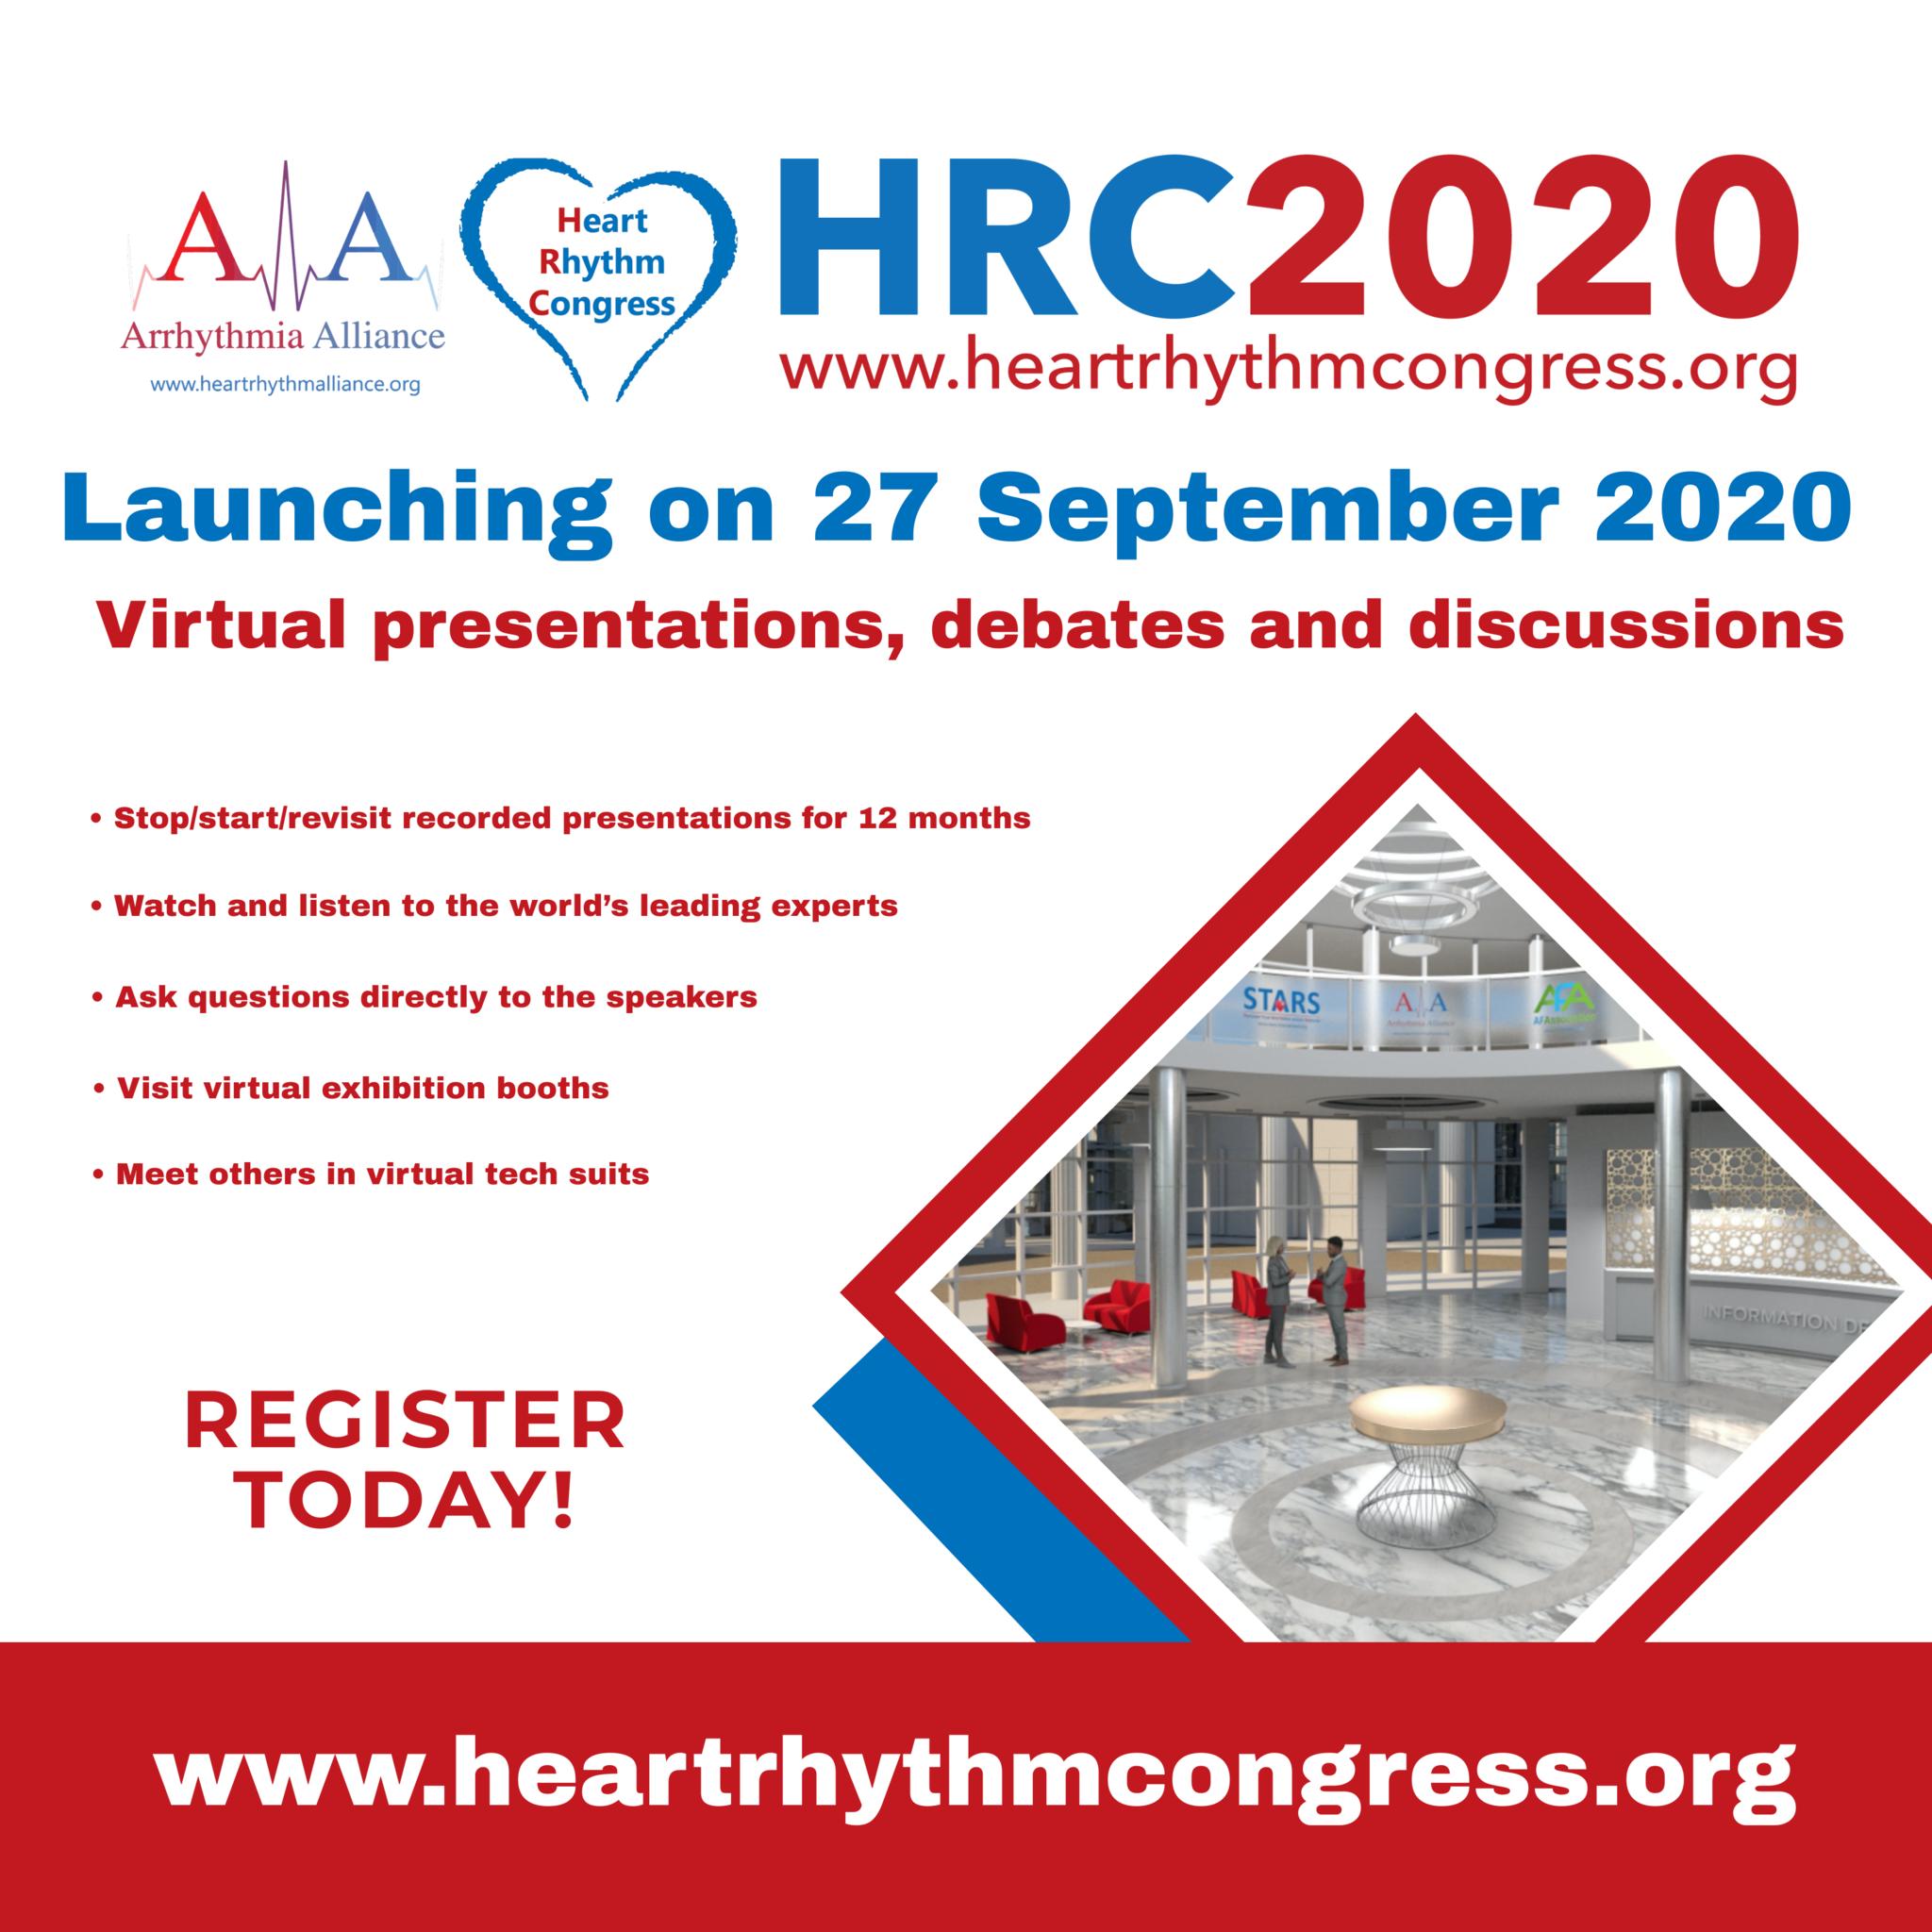 A-A Heart Rhythm Congress - Launching 27th September 2020